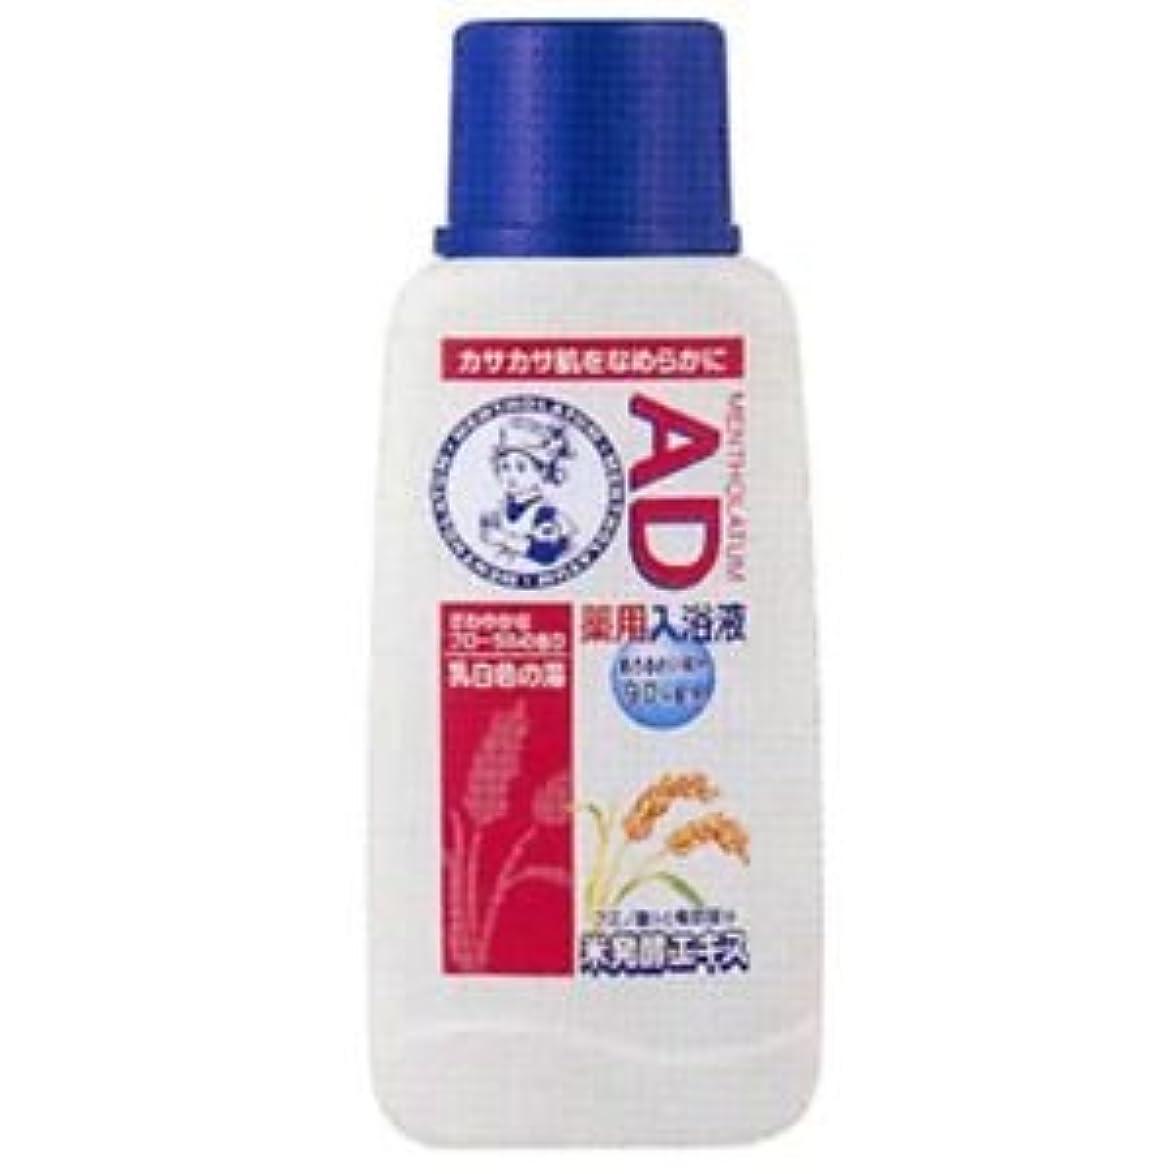 ライトニングラジエーターテレビ局メンソレータム AD薬用入浴剤 フローラルの香り(入浴剤) 5セット